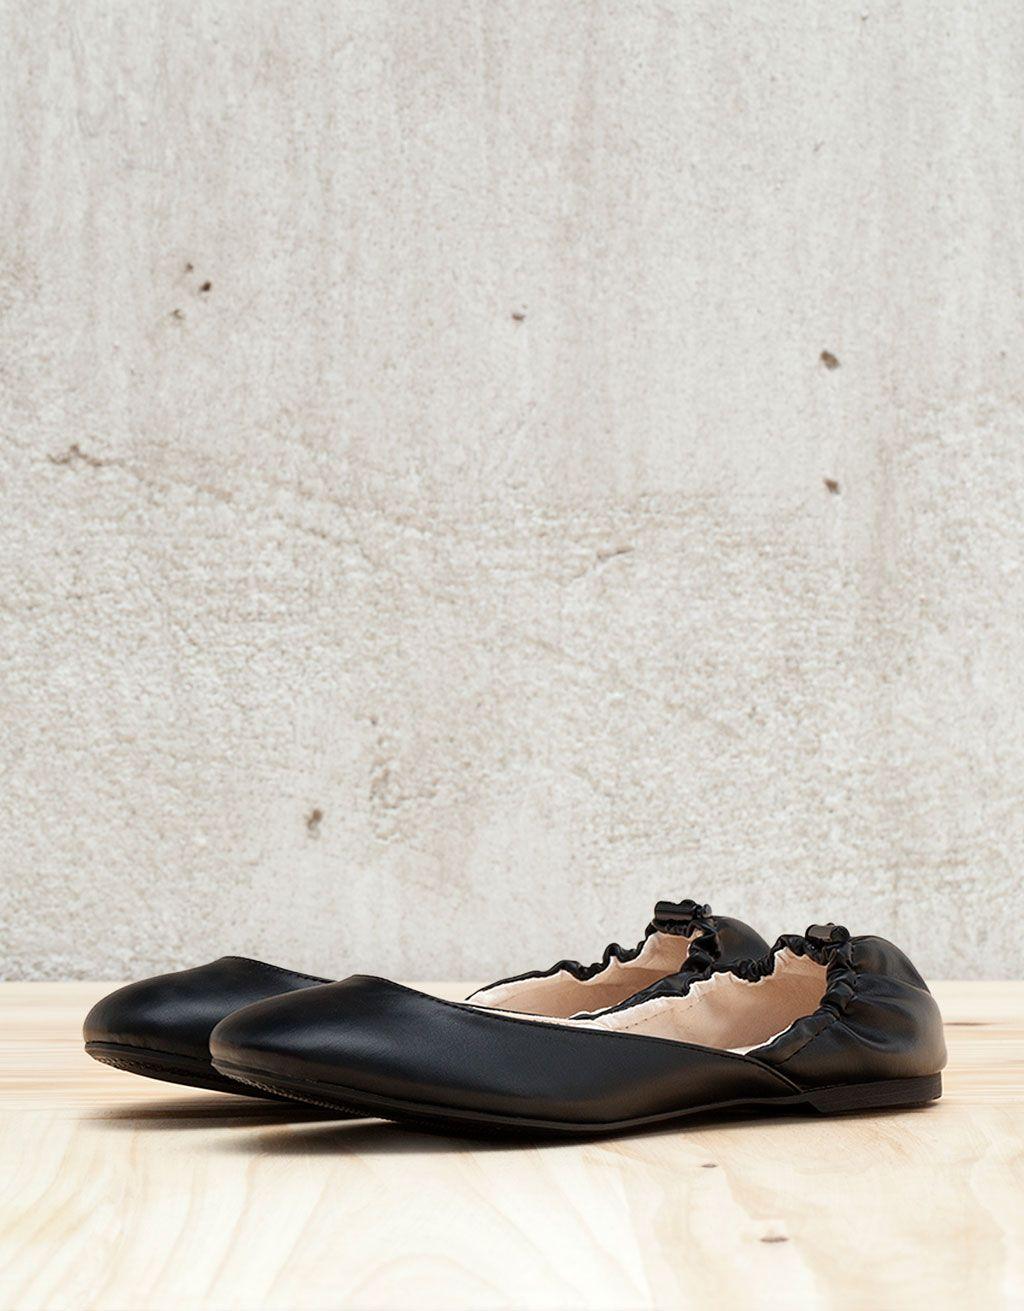 a1a6214b0 BSK ballerina shoes   всякі штуки які мені подобаються, але бачить ...